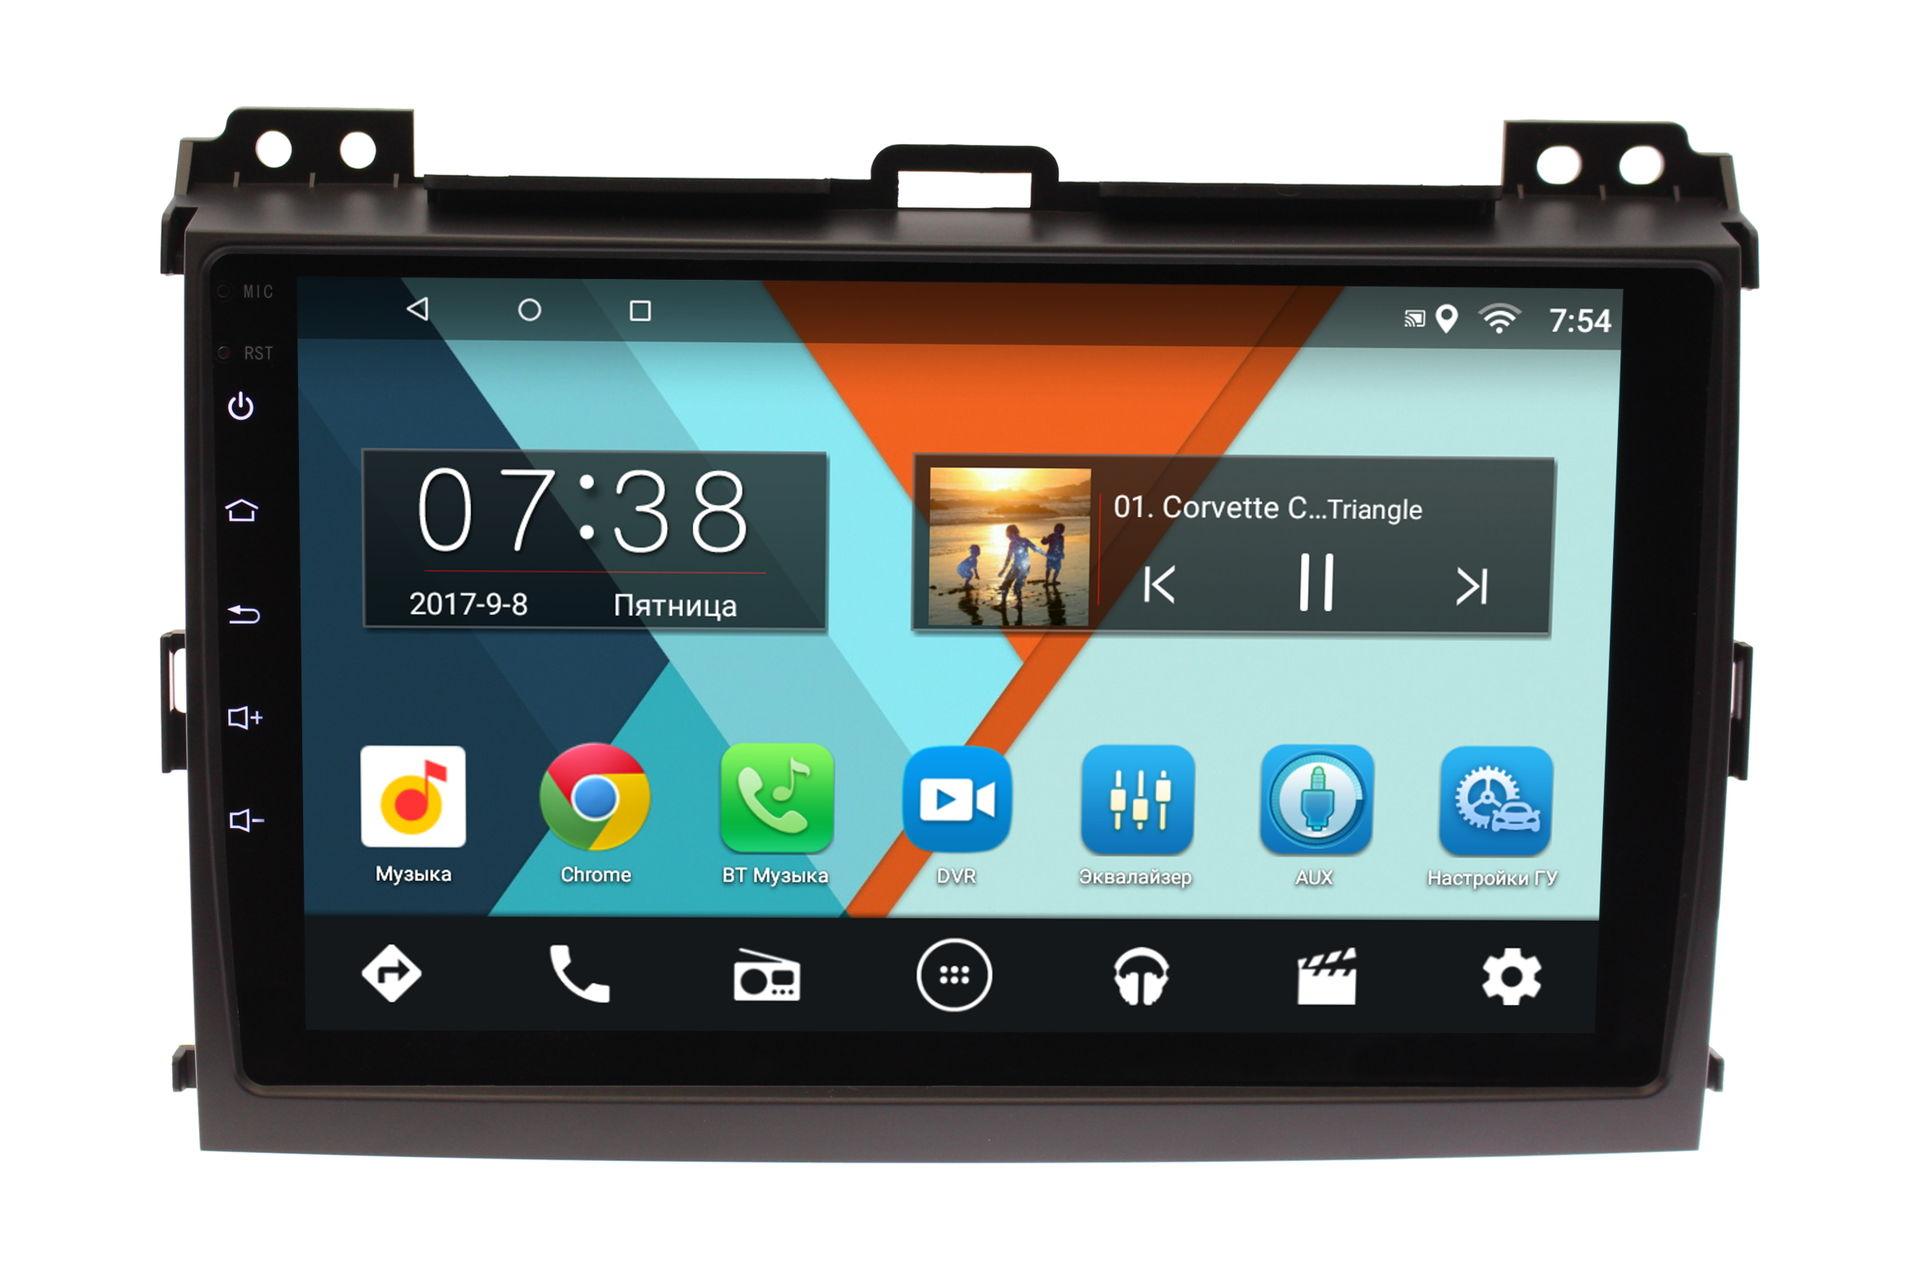 Штатная магнитола Lexus GX 2002-2009 без усилителя Wide Media MT9063MF-1/16 на Android 6.0.1 без усилителя media promotion